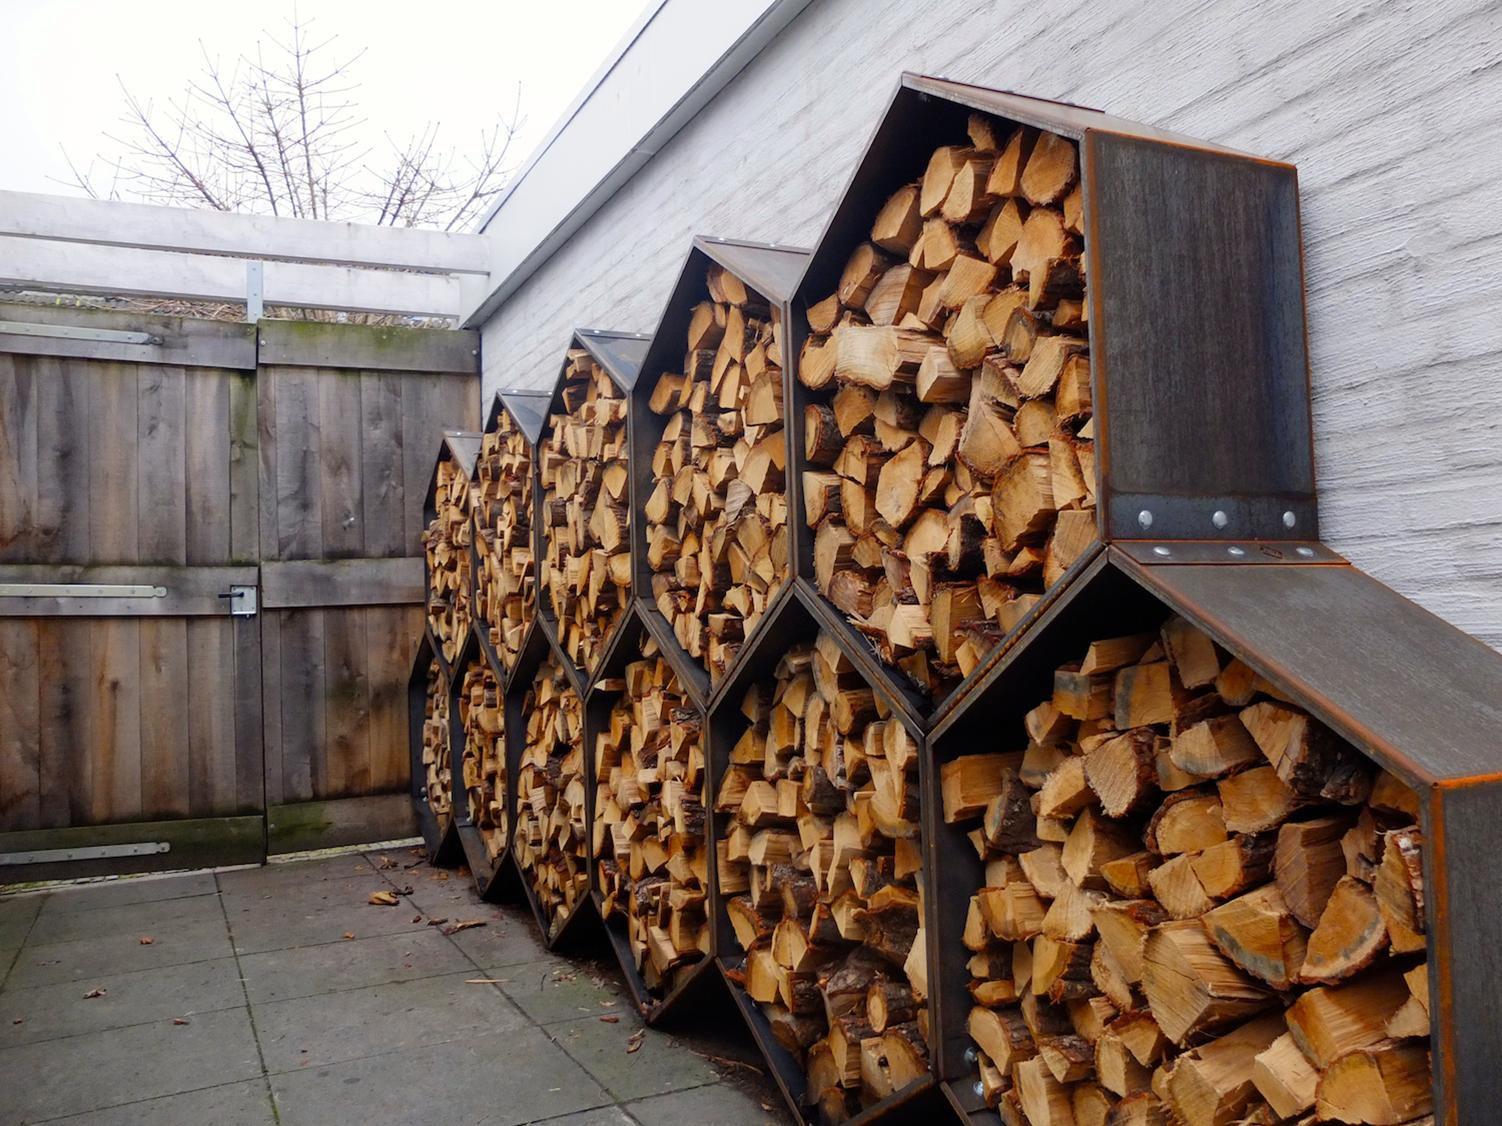 как правильно складывать дрова в поленницу